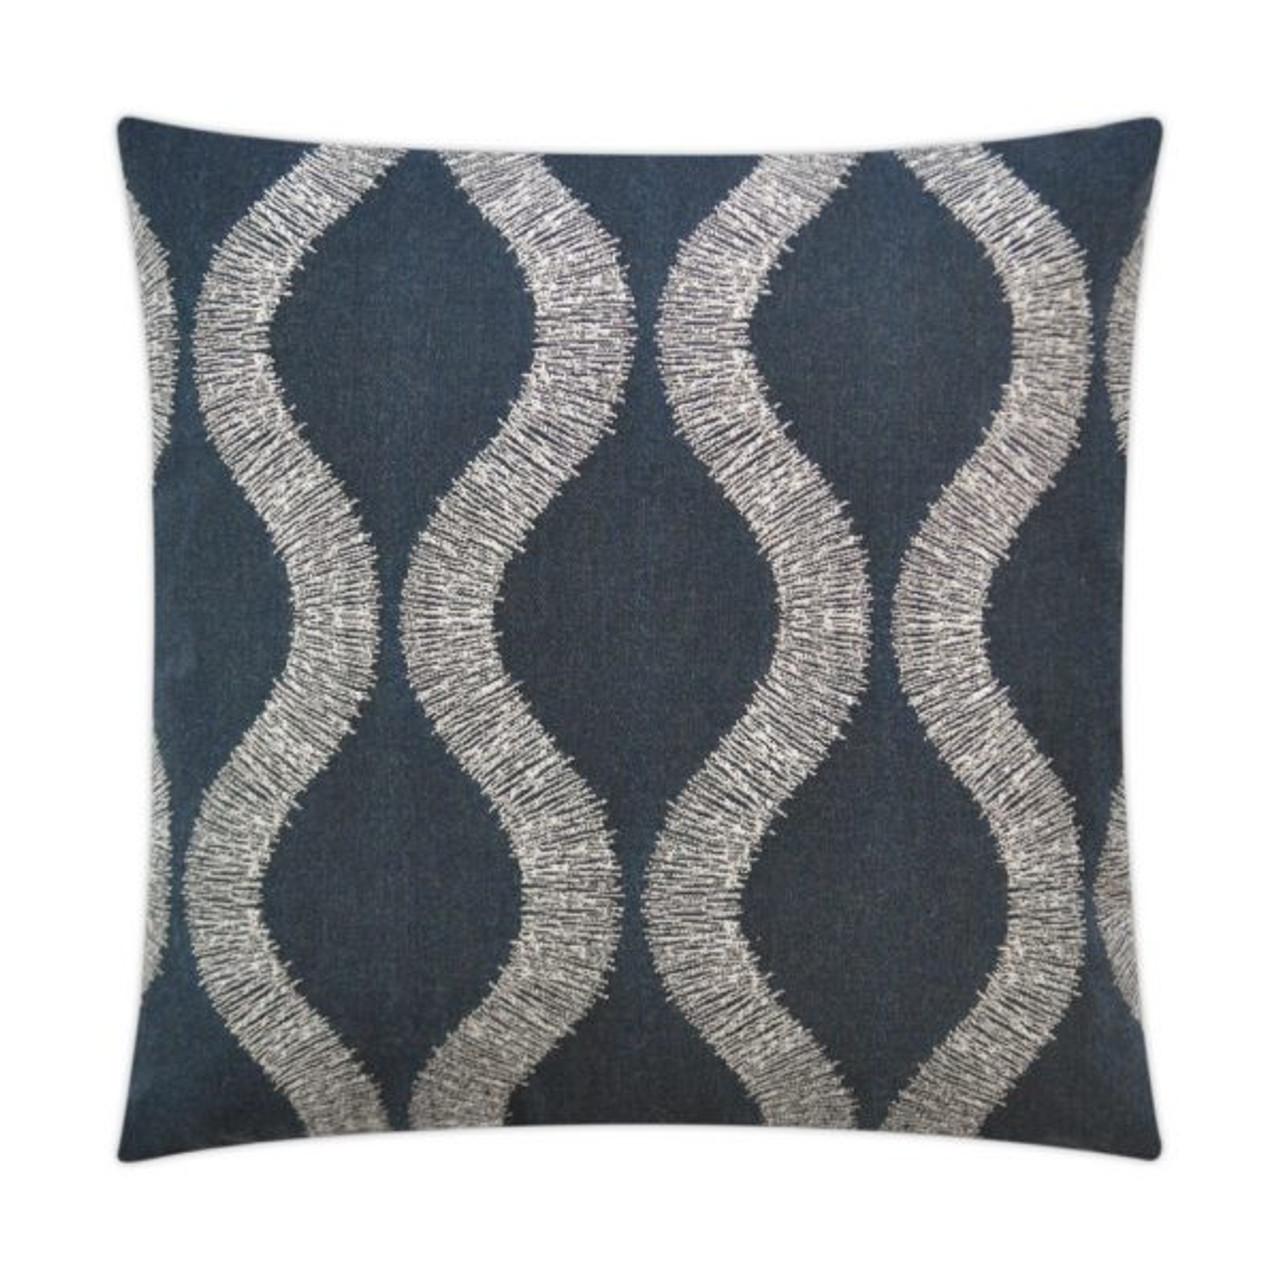 Overlock Indoor Outdoor Throw Pillow